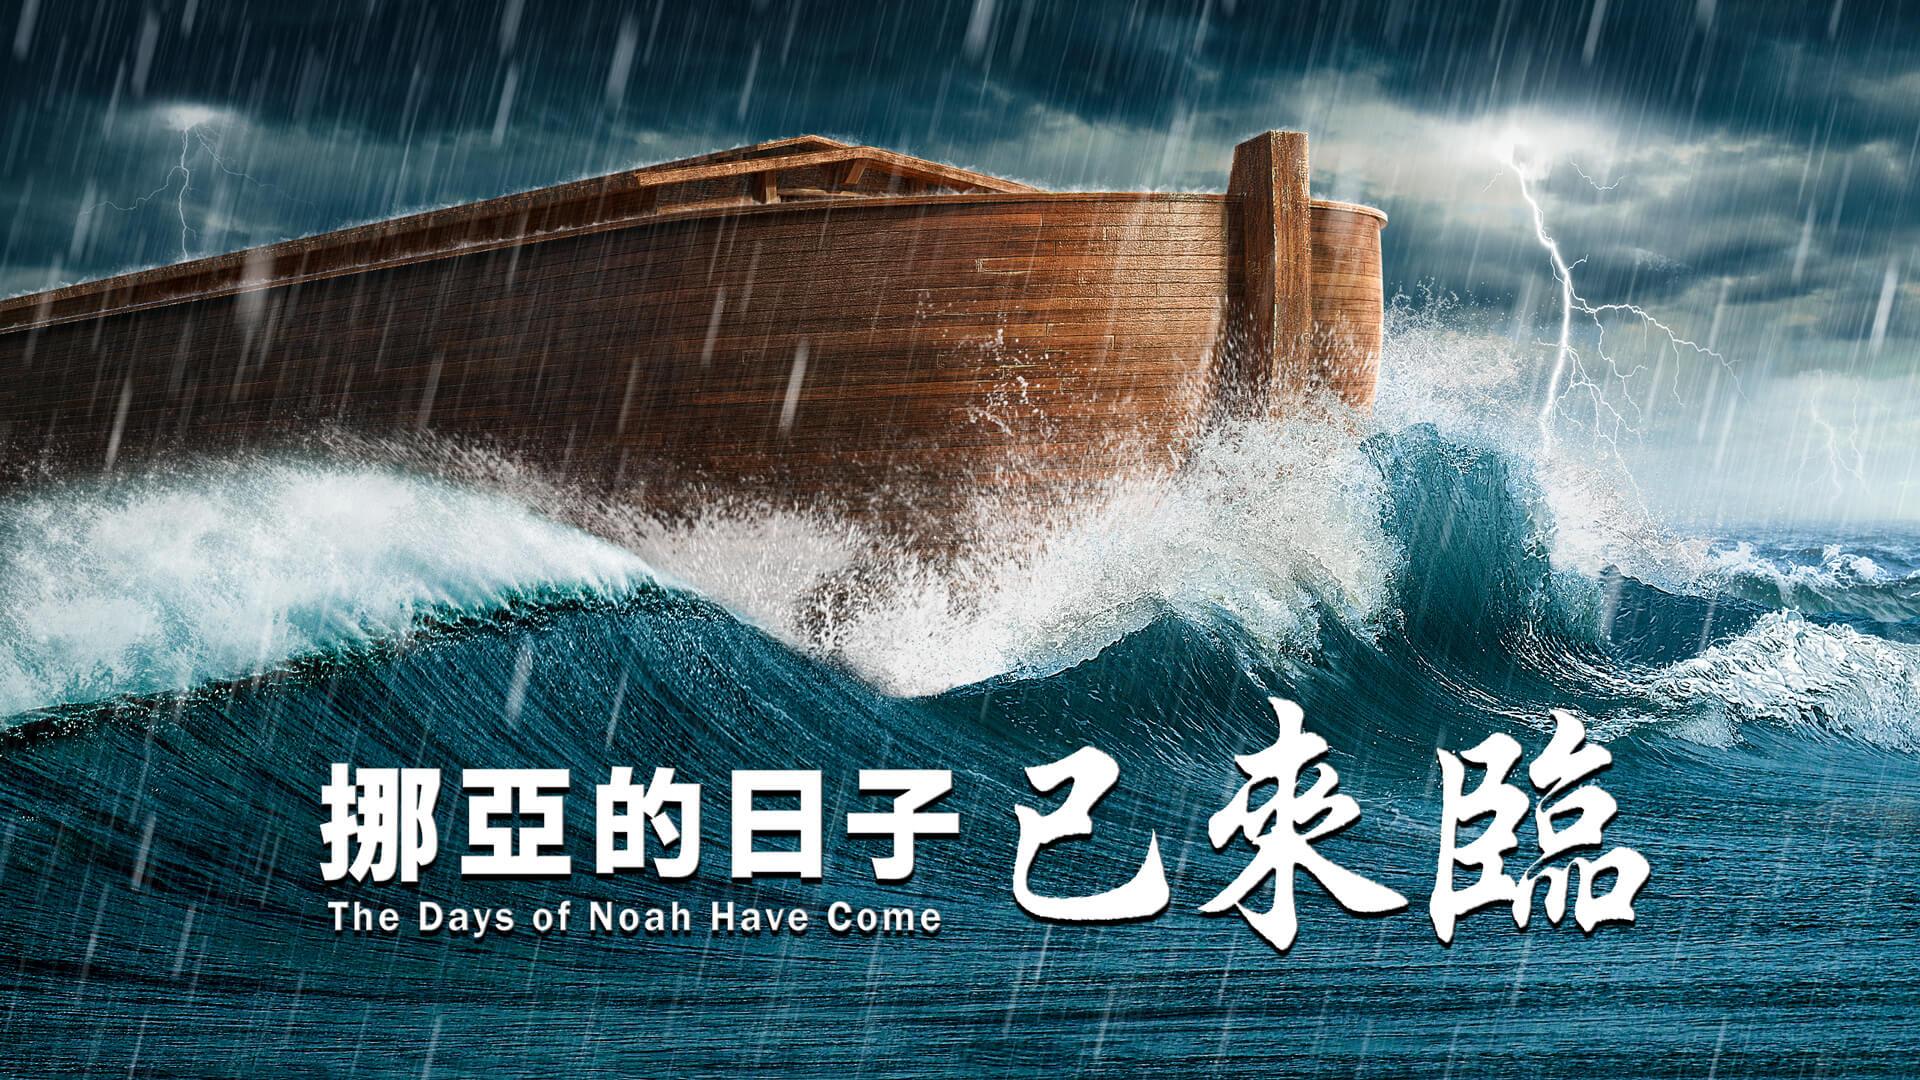 挪亞方舟、洪水滅世